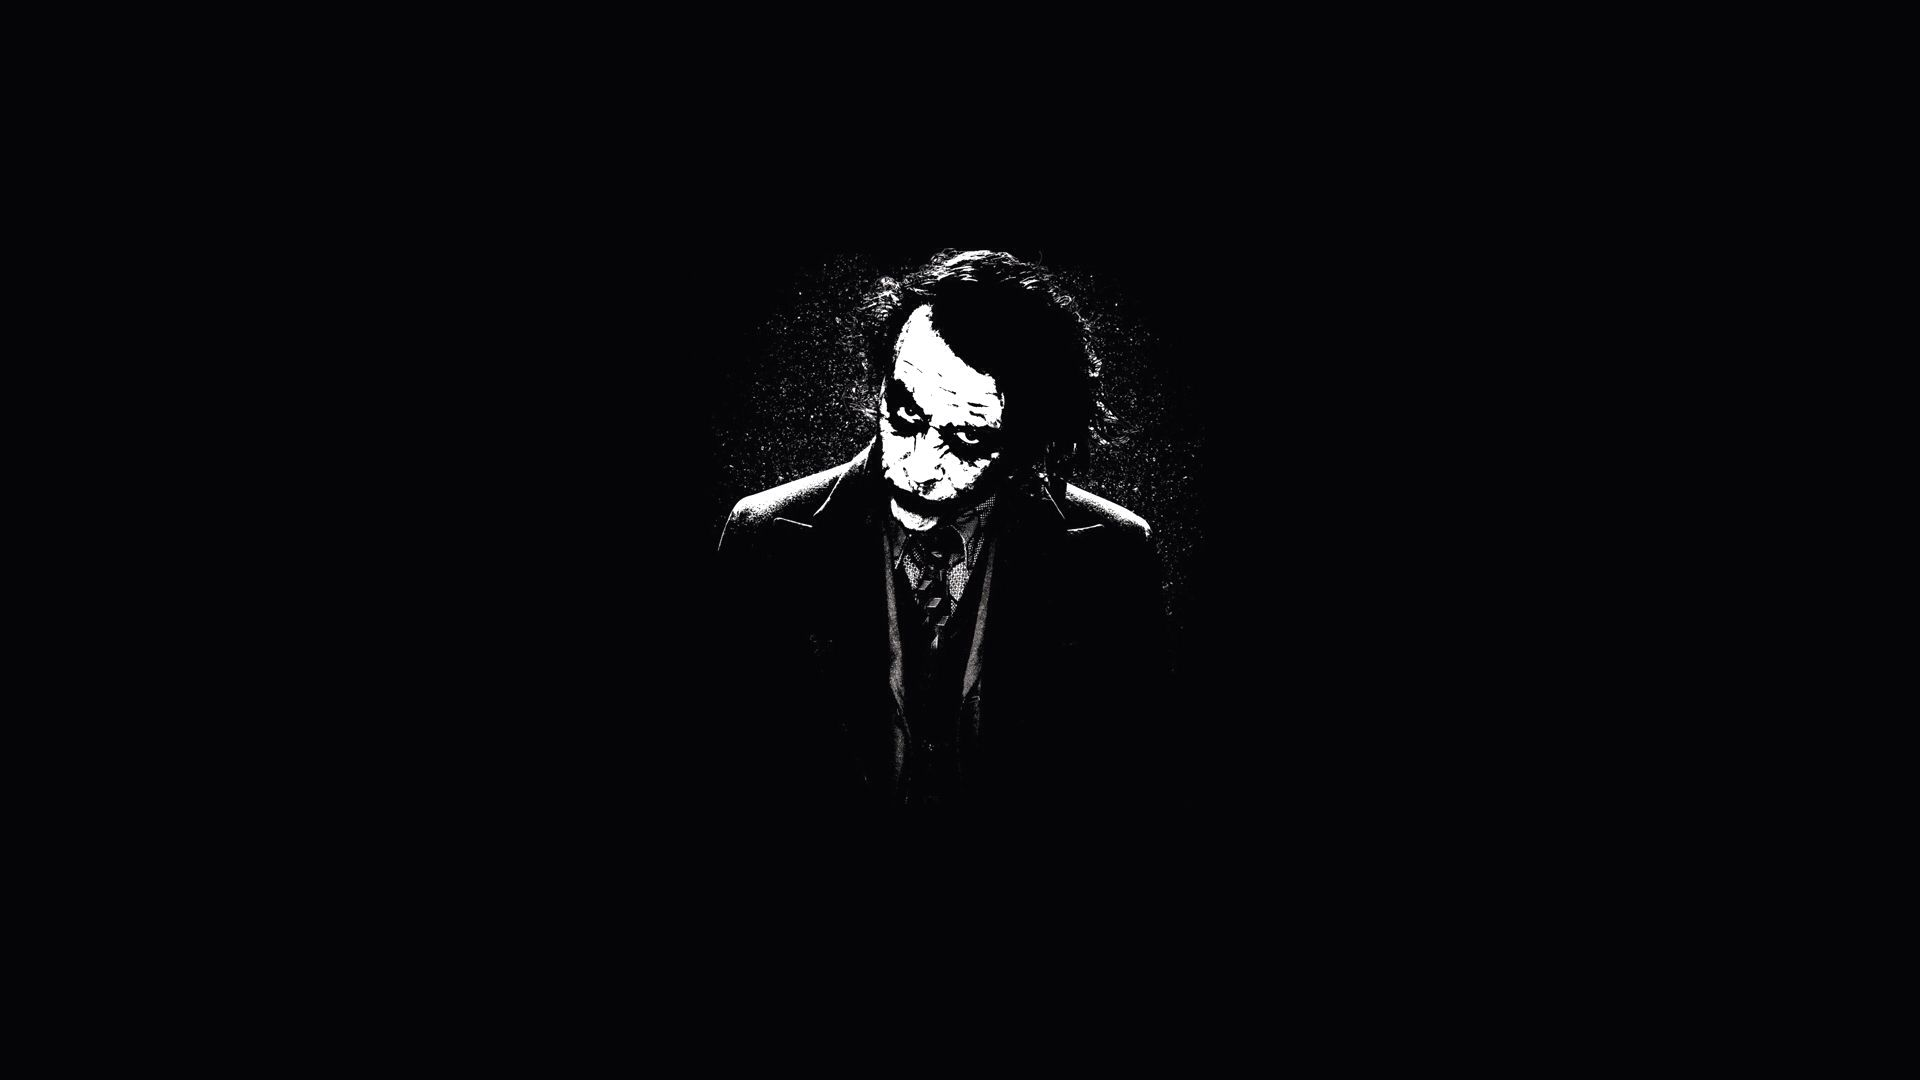 Black Jocker Dark Knight Wallpaper Black Hd Wallpaper Batman Wallpaper